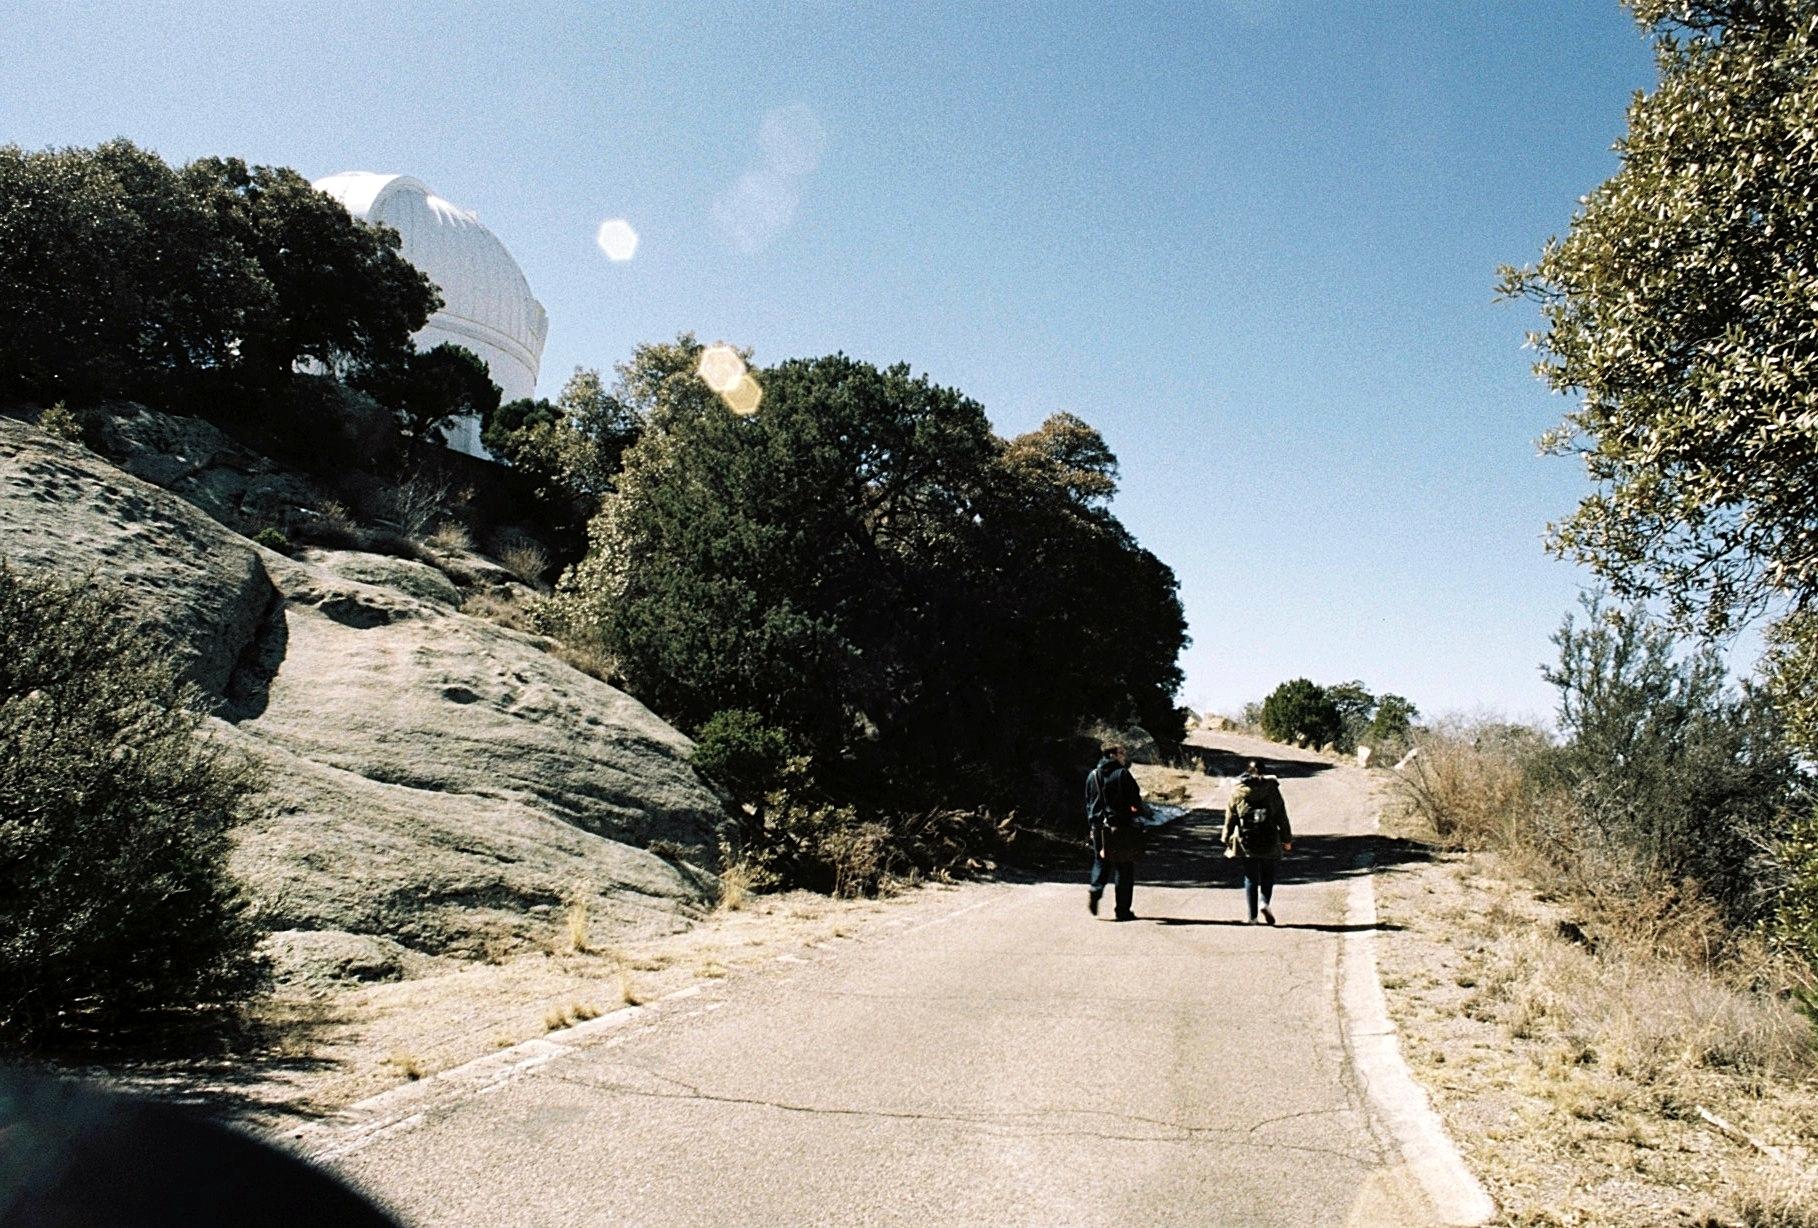 Kitt Peak, Tucson, USA (2011)